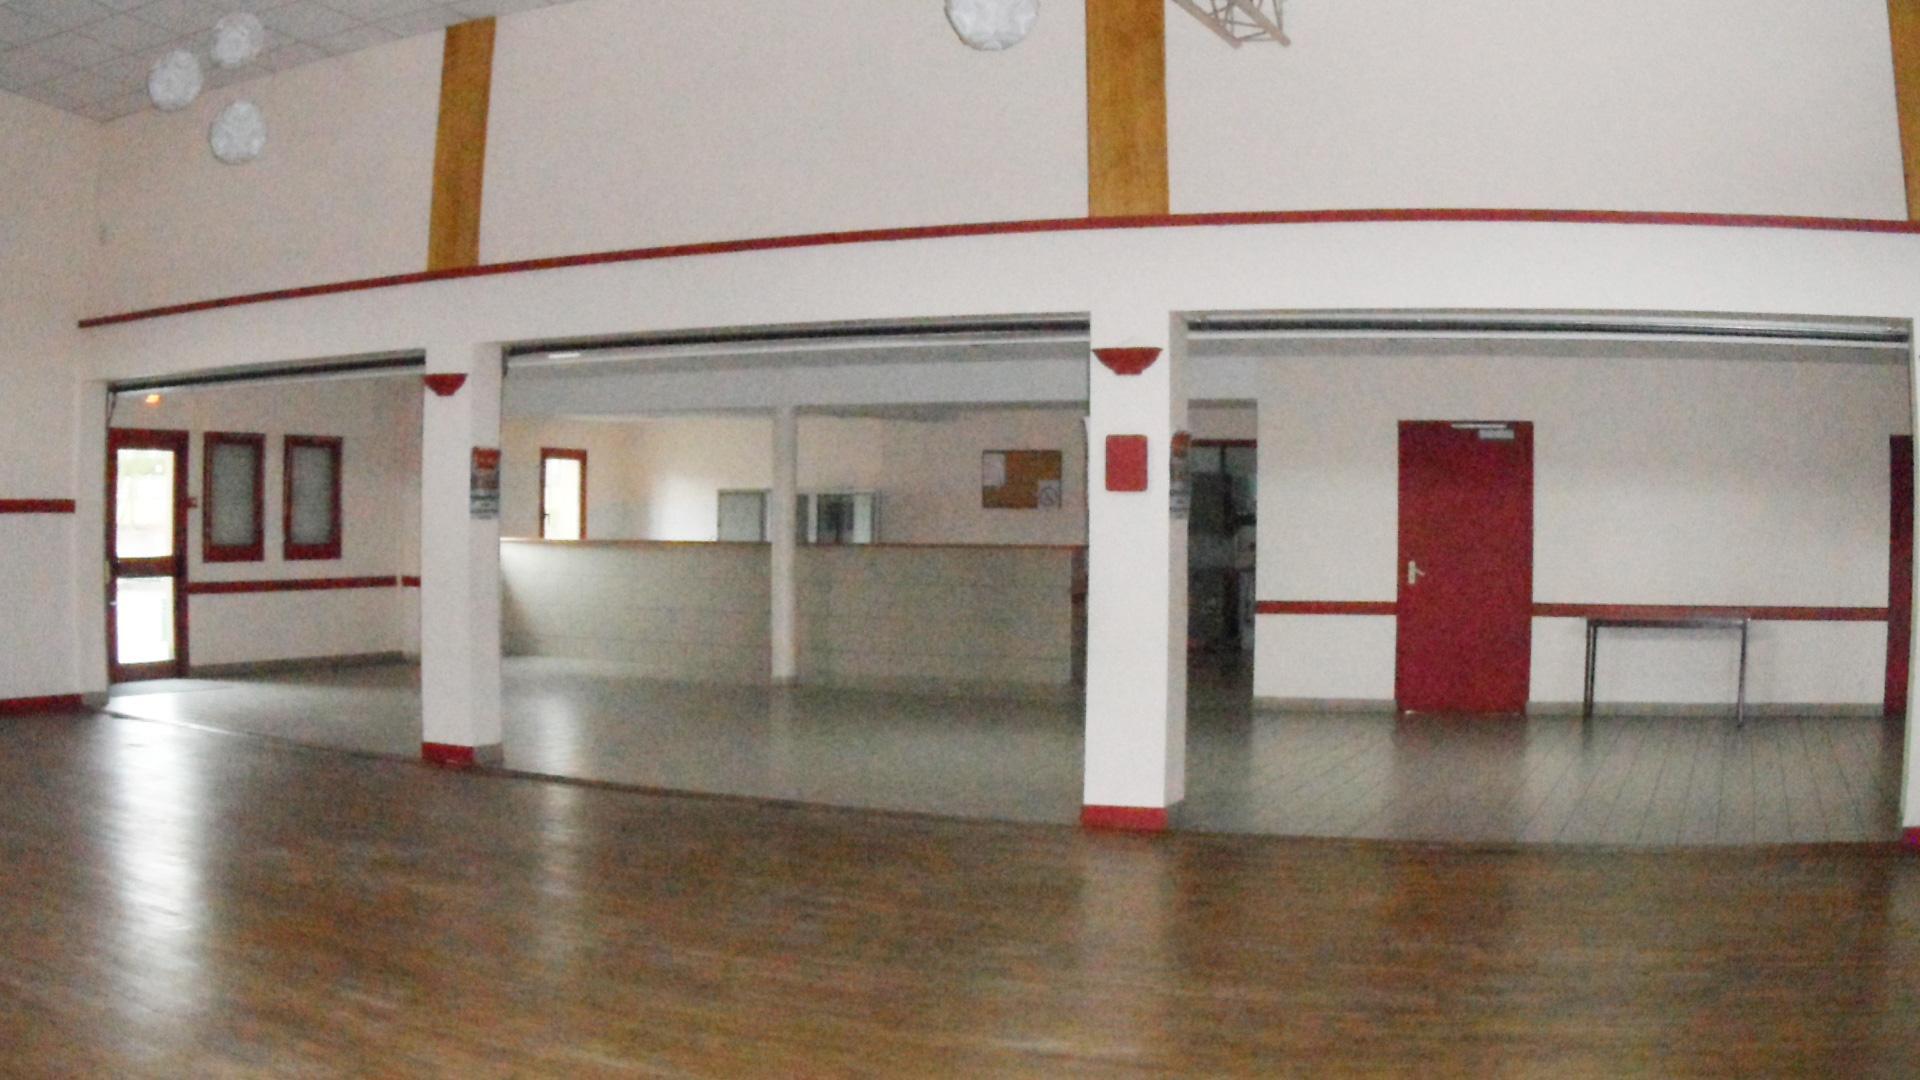 Salle des fêtes de Parçay-les-Pins